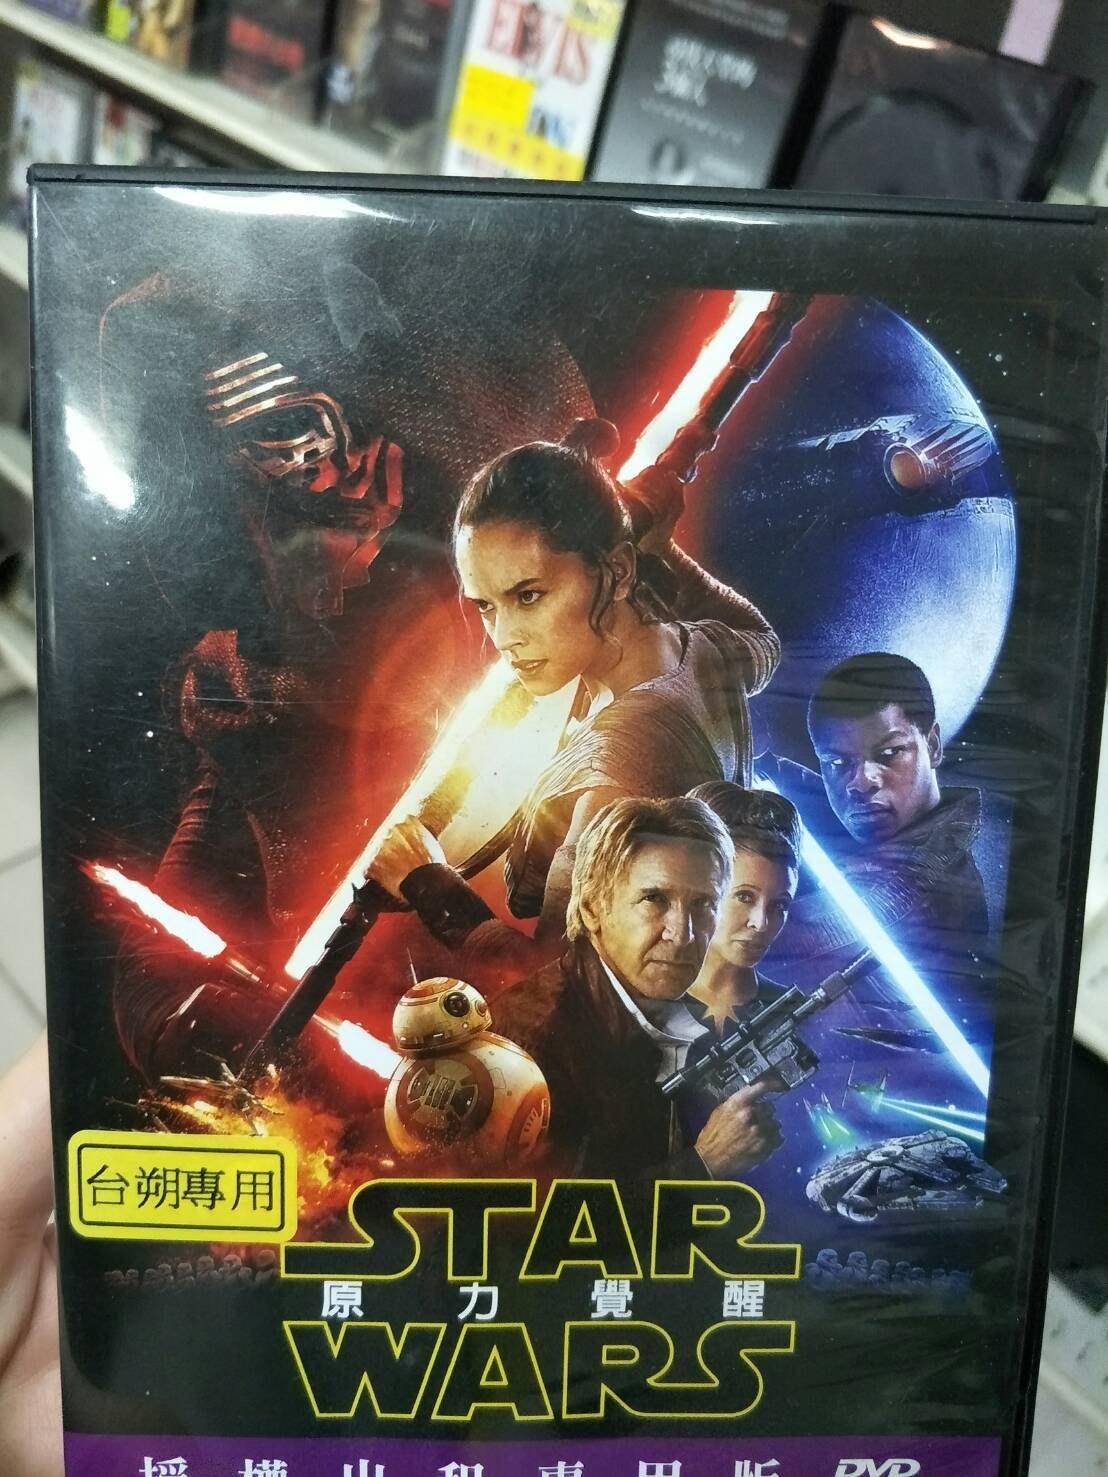 106年台灣正版DVD二手片 動作   冒險   科幻《STAR WARS:原力覺醒》席滿客書坊二手拍賣